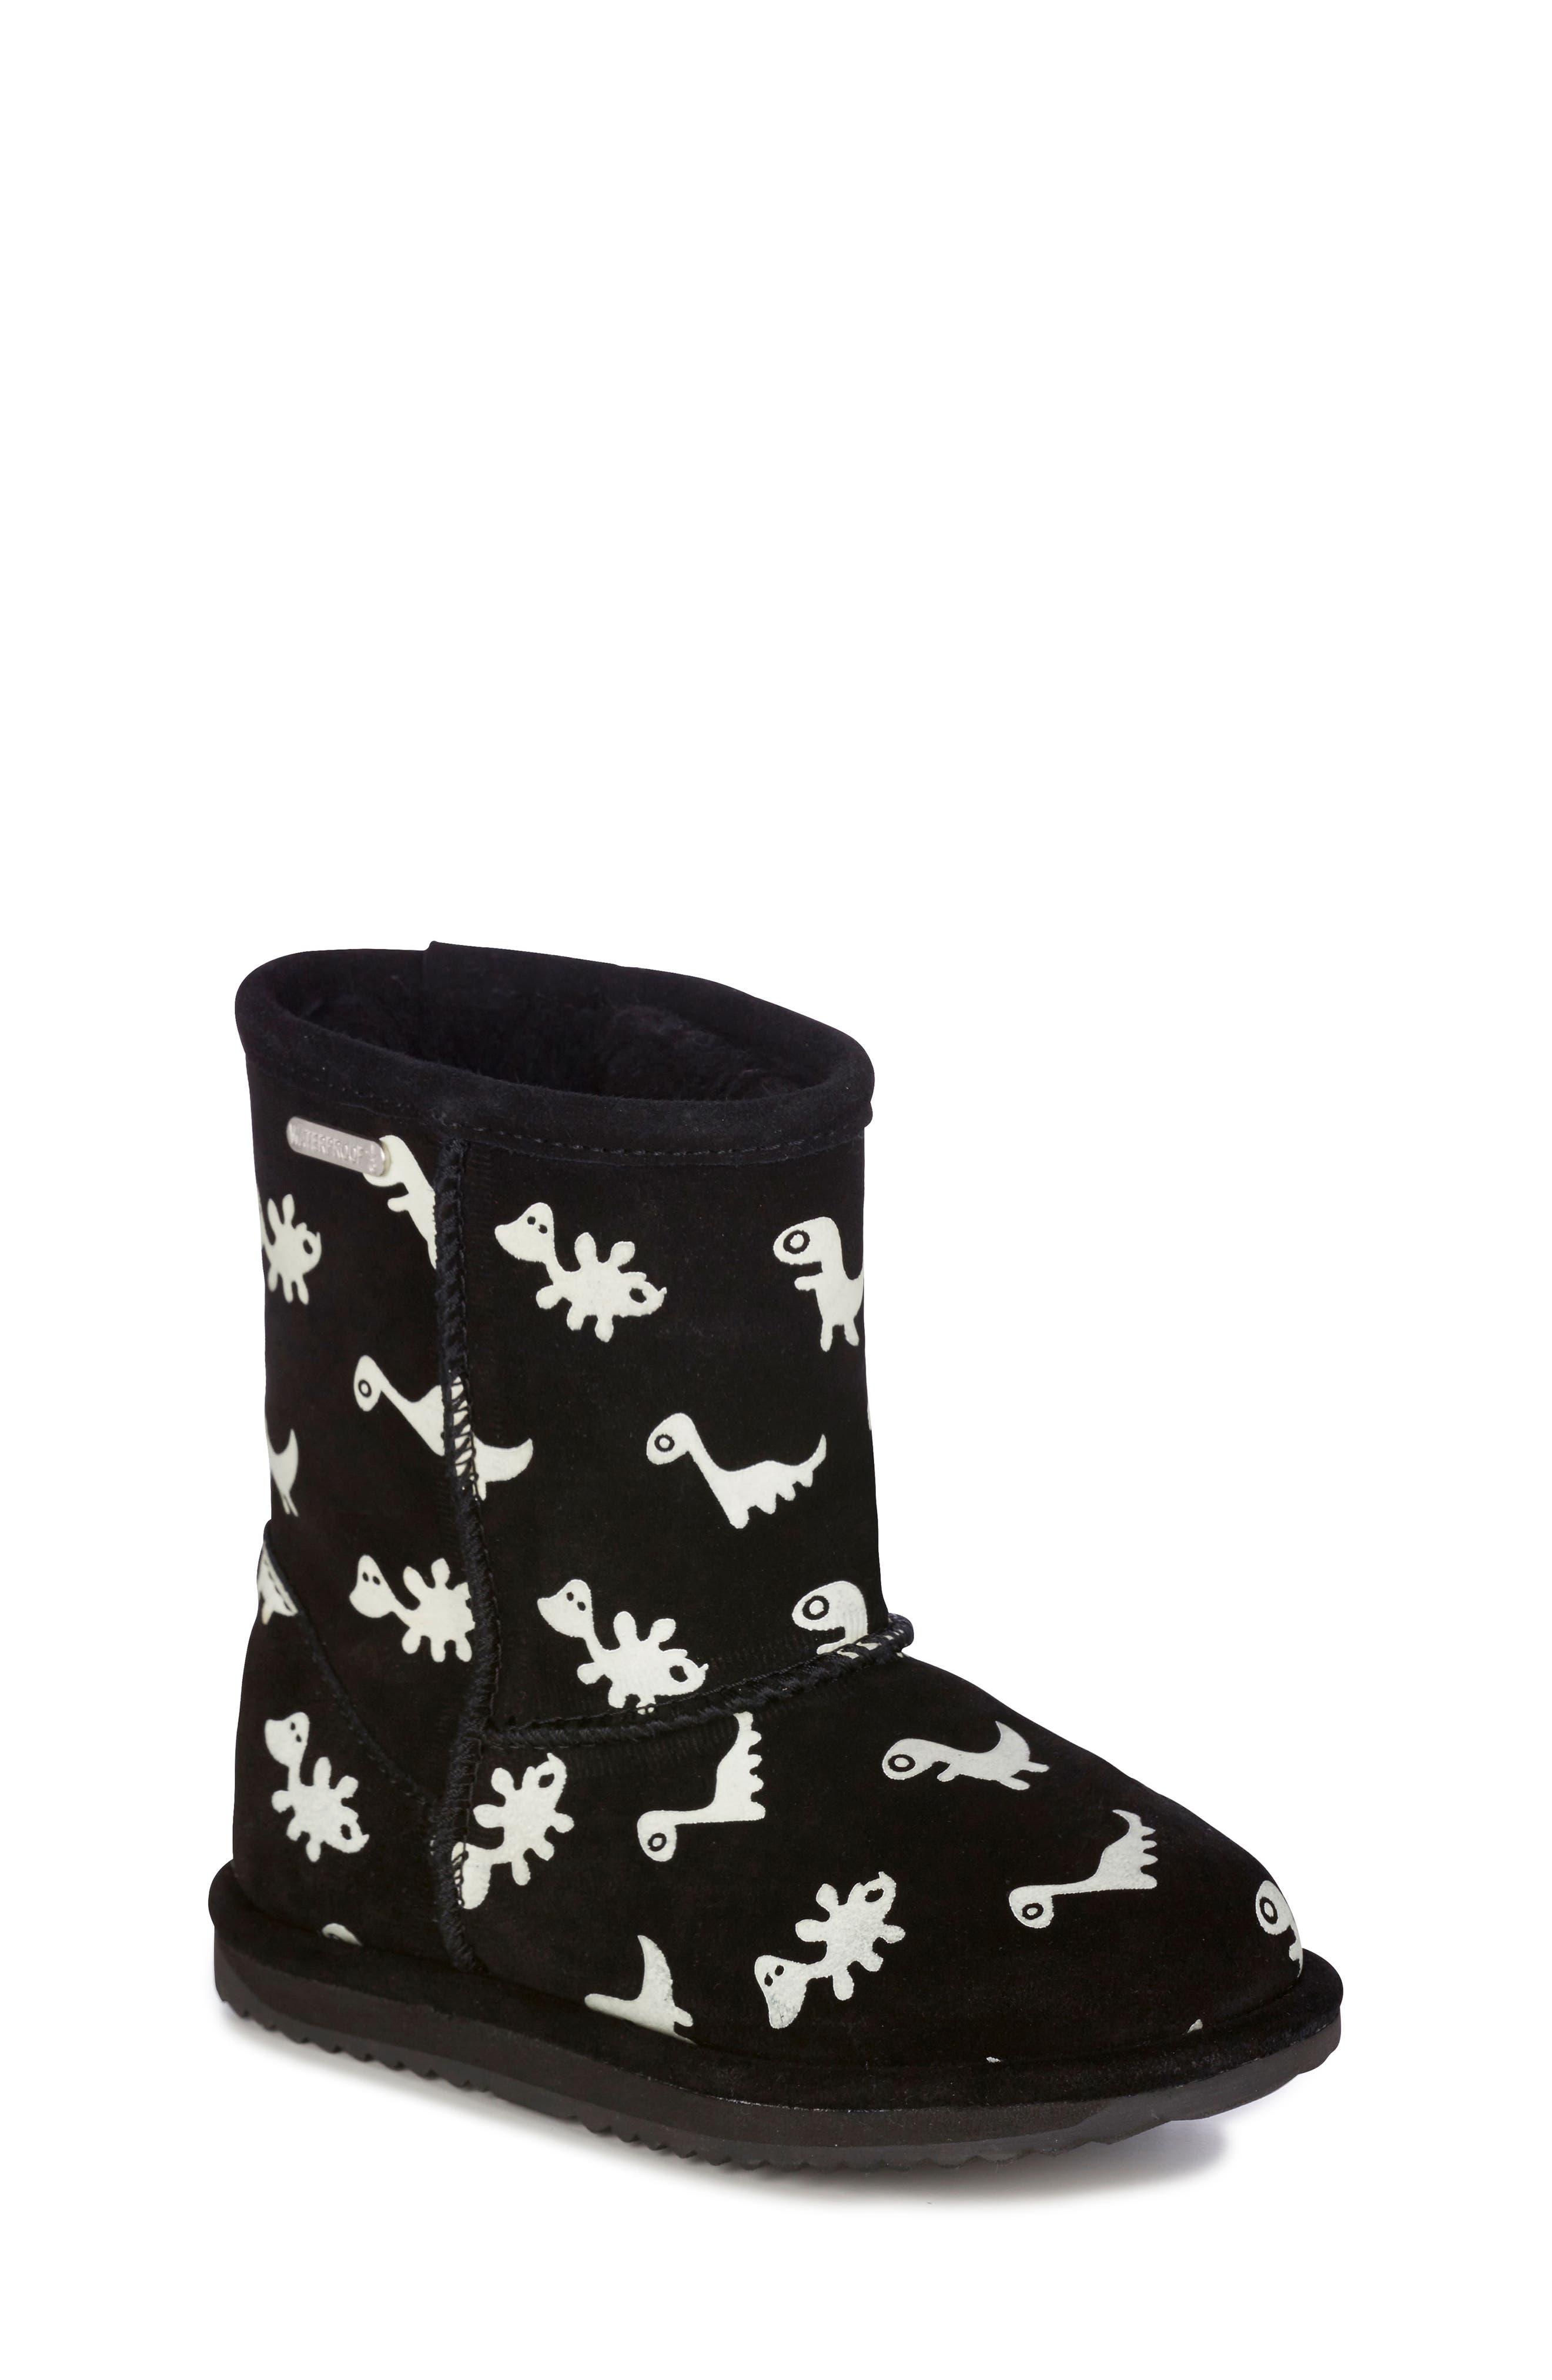 Animal Print Boots,                             Main thumbnail 1, color,                             BLACK